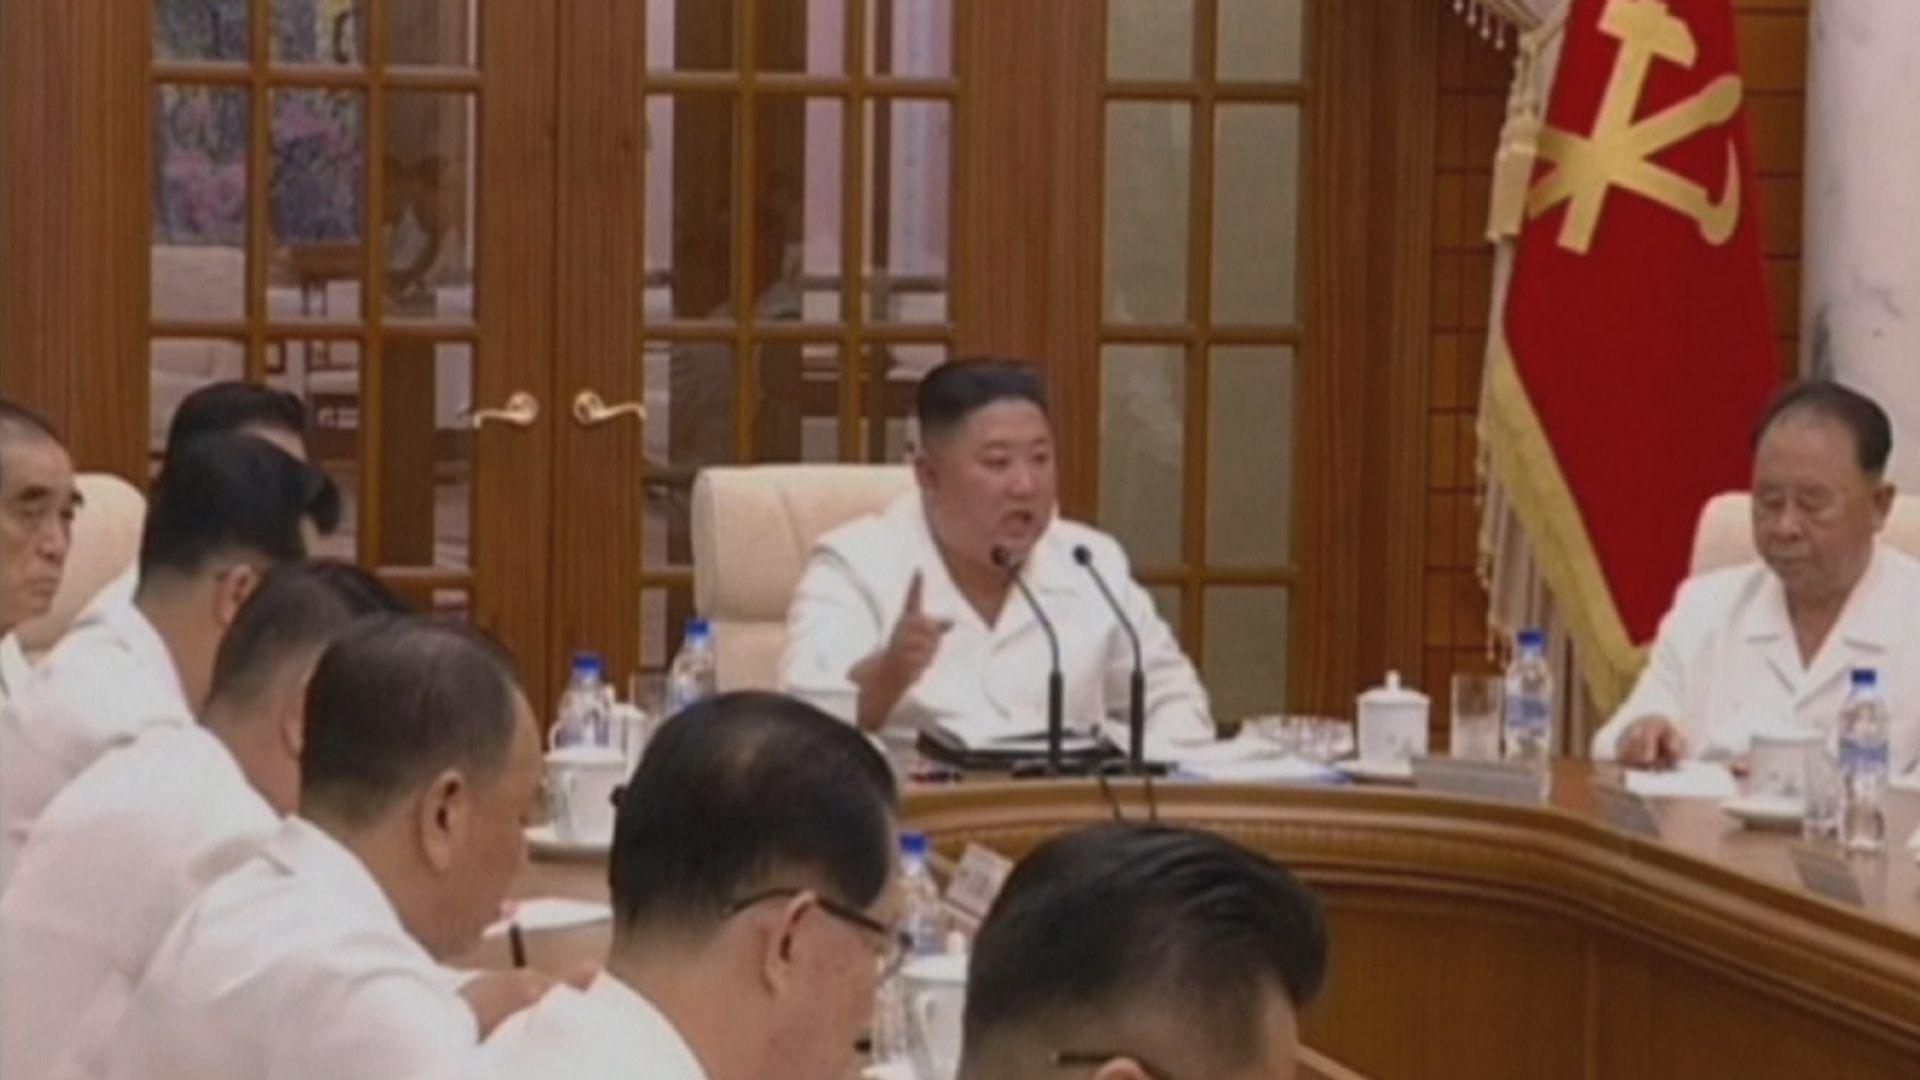 北韓官媒發放金正恩主持會議片段 間接粉碎病重傳言